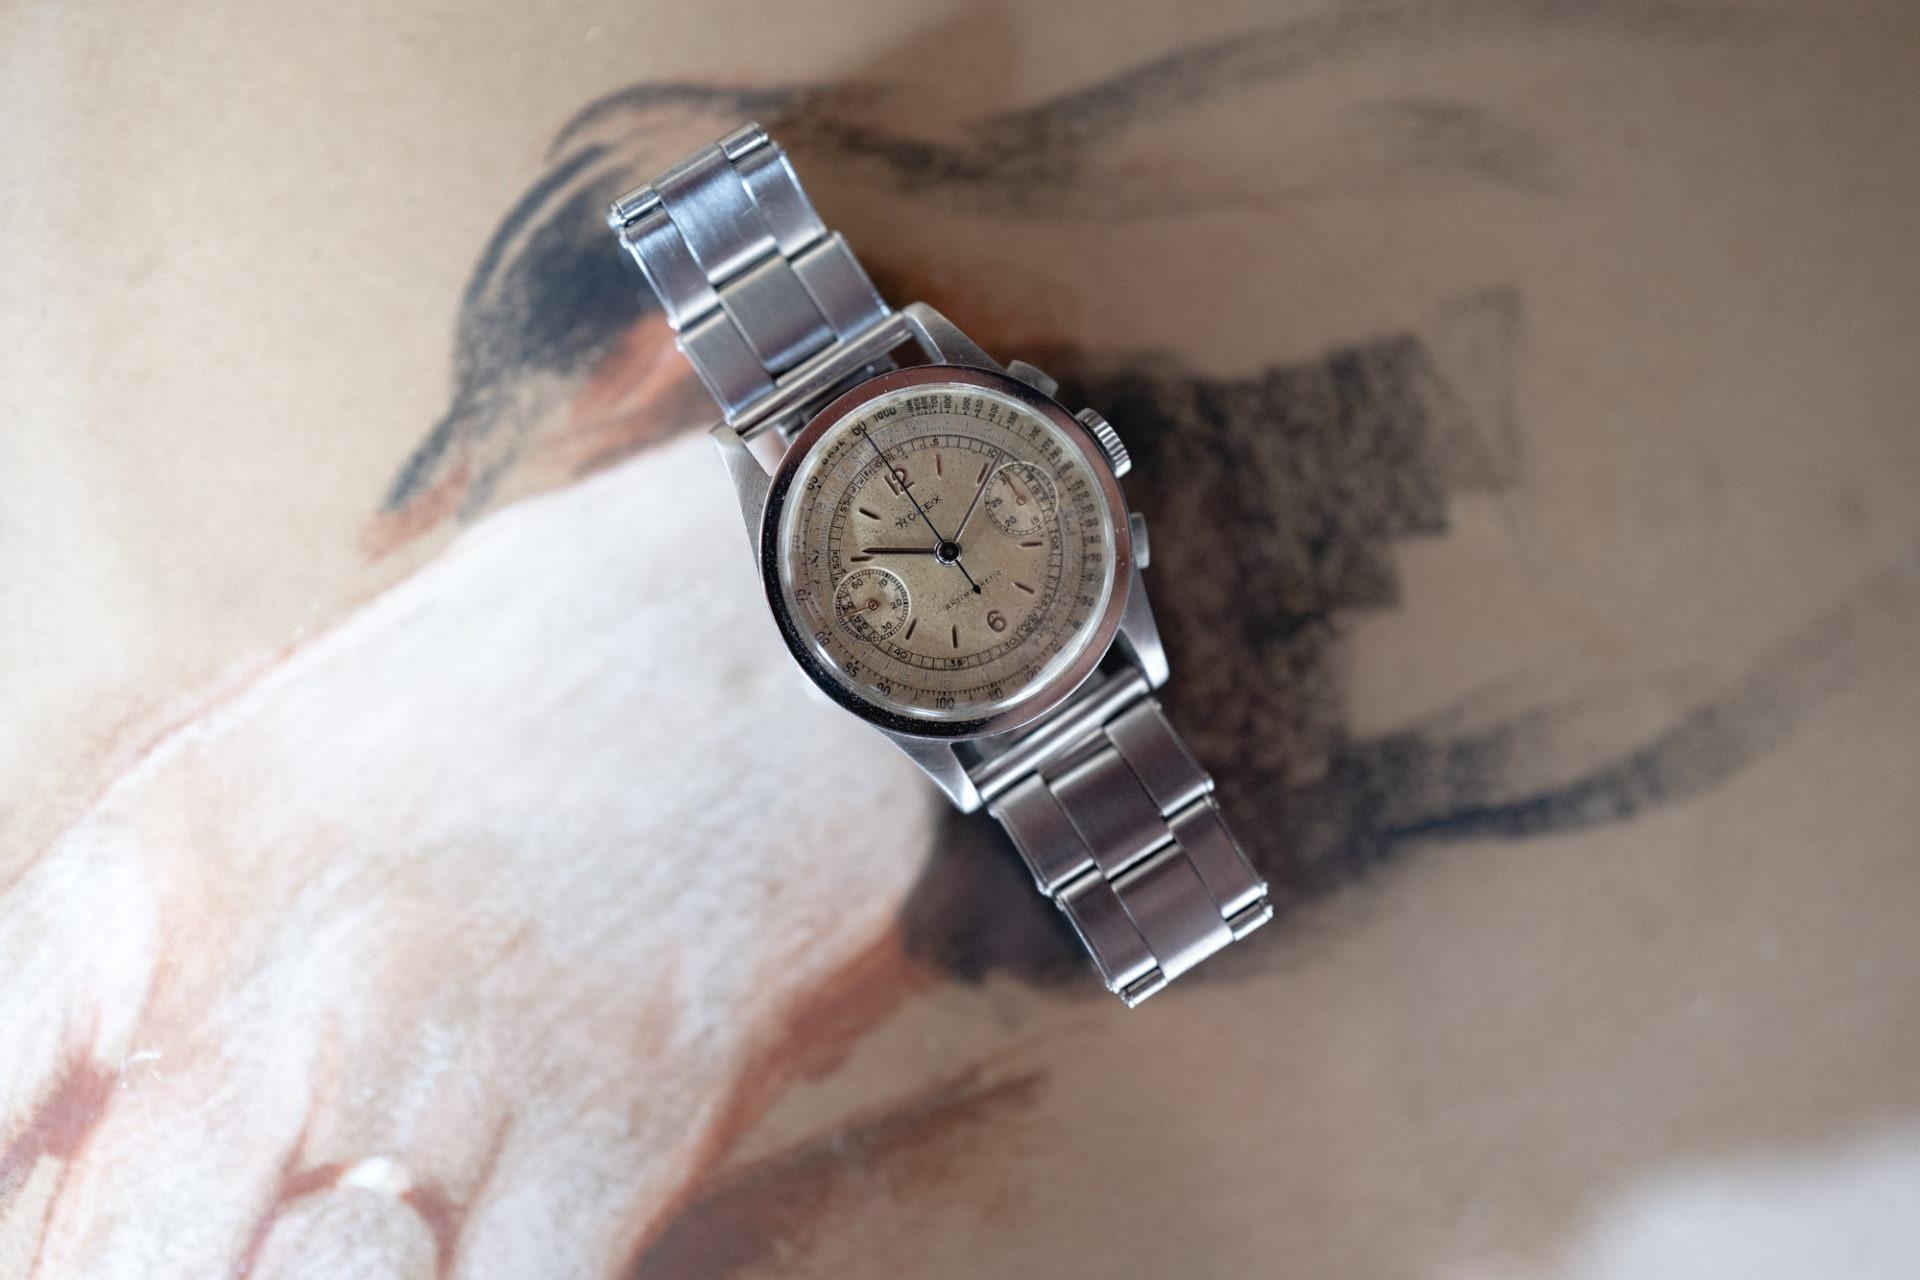 Rolex Chronographe Ref. 2811 - Vente aux enchères LECLERE du 6 juin